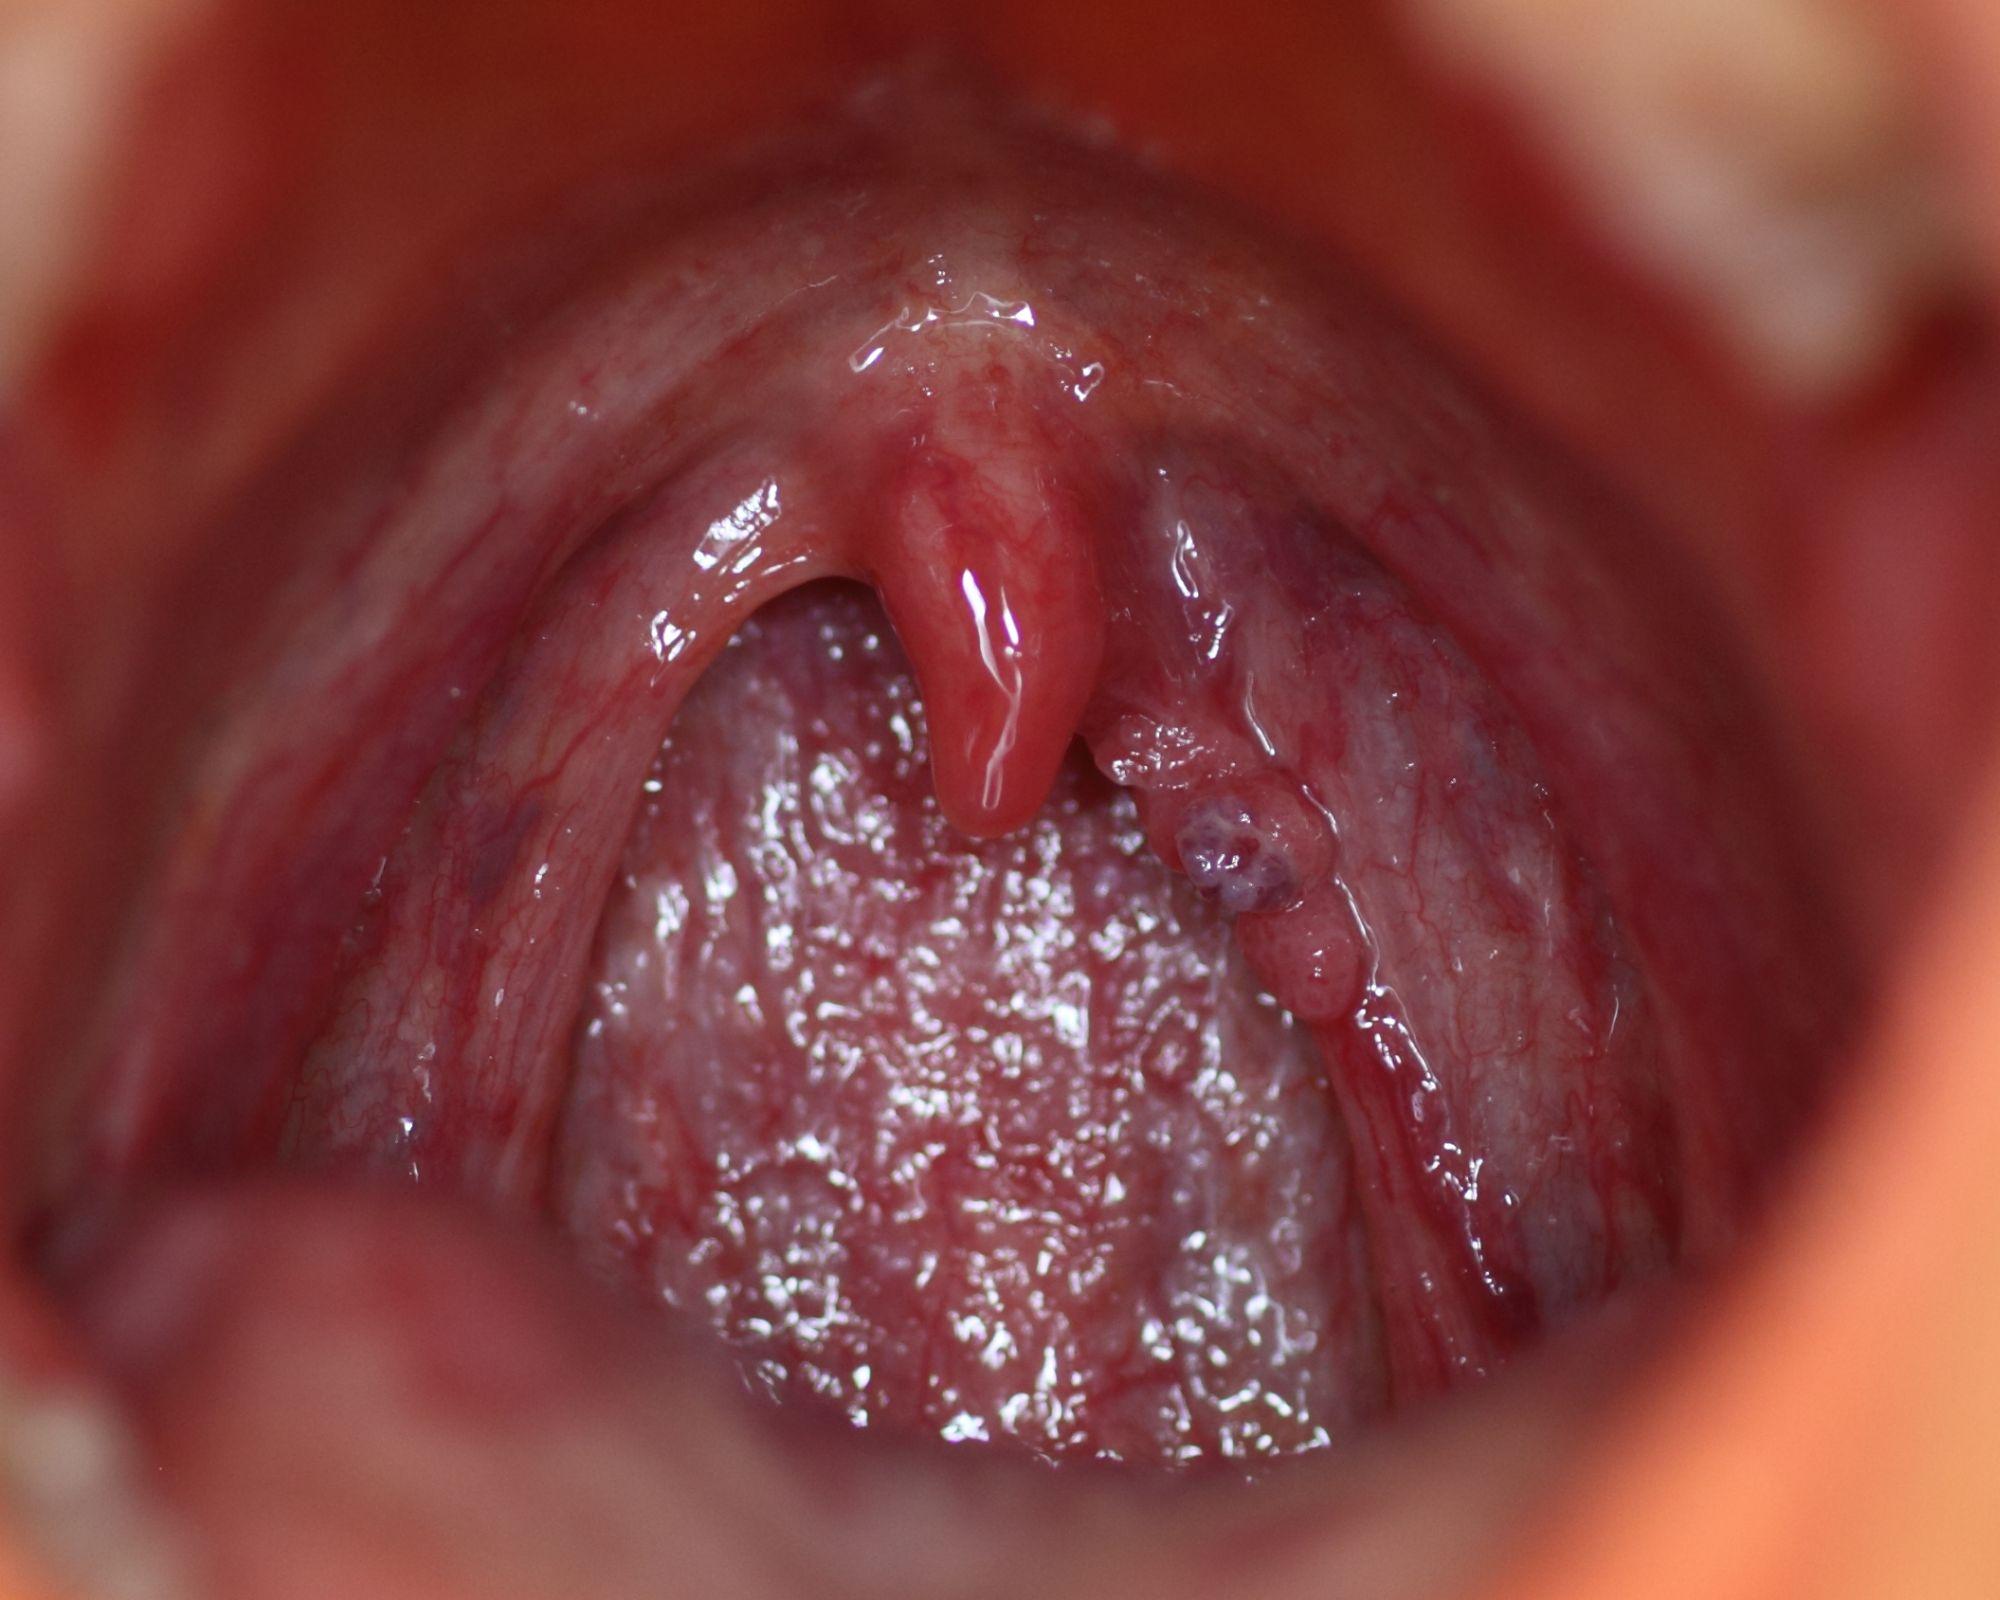 hpv tongue wart